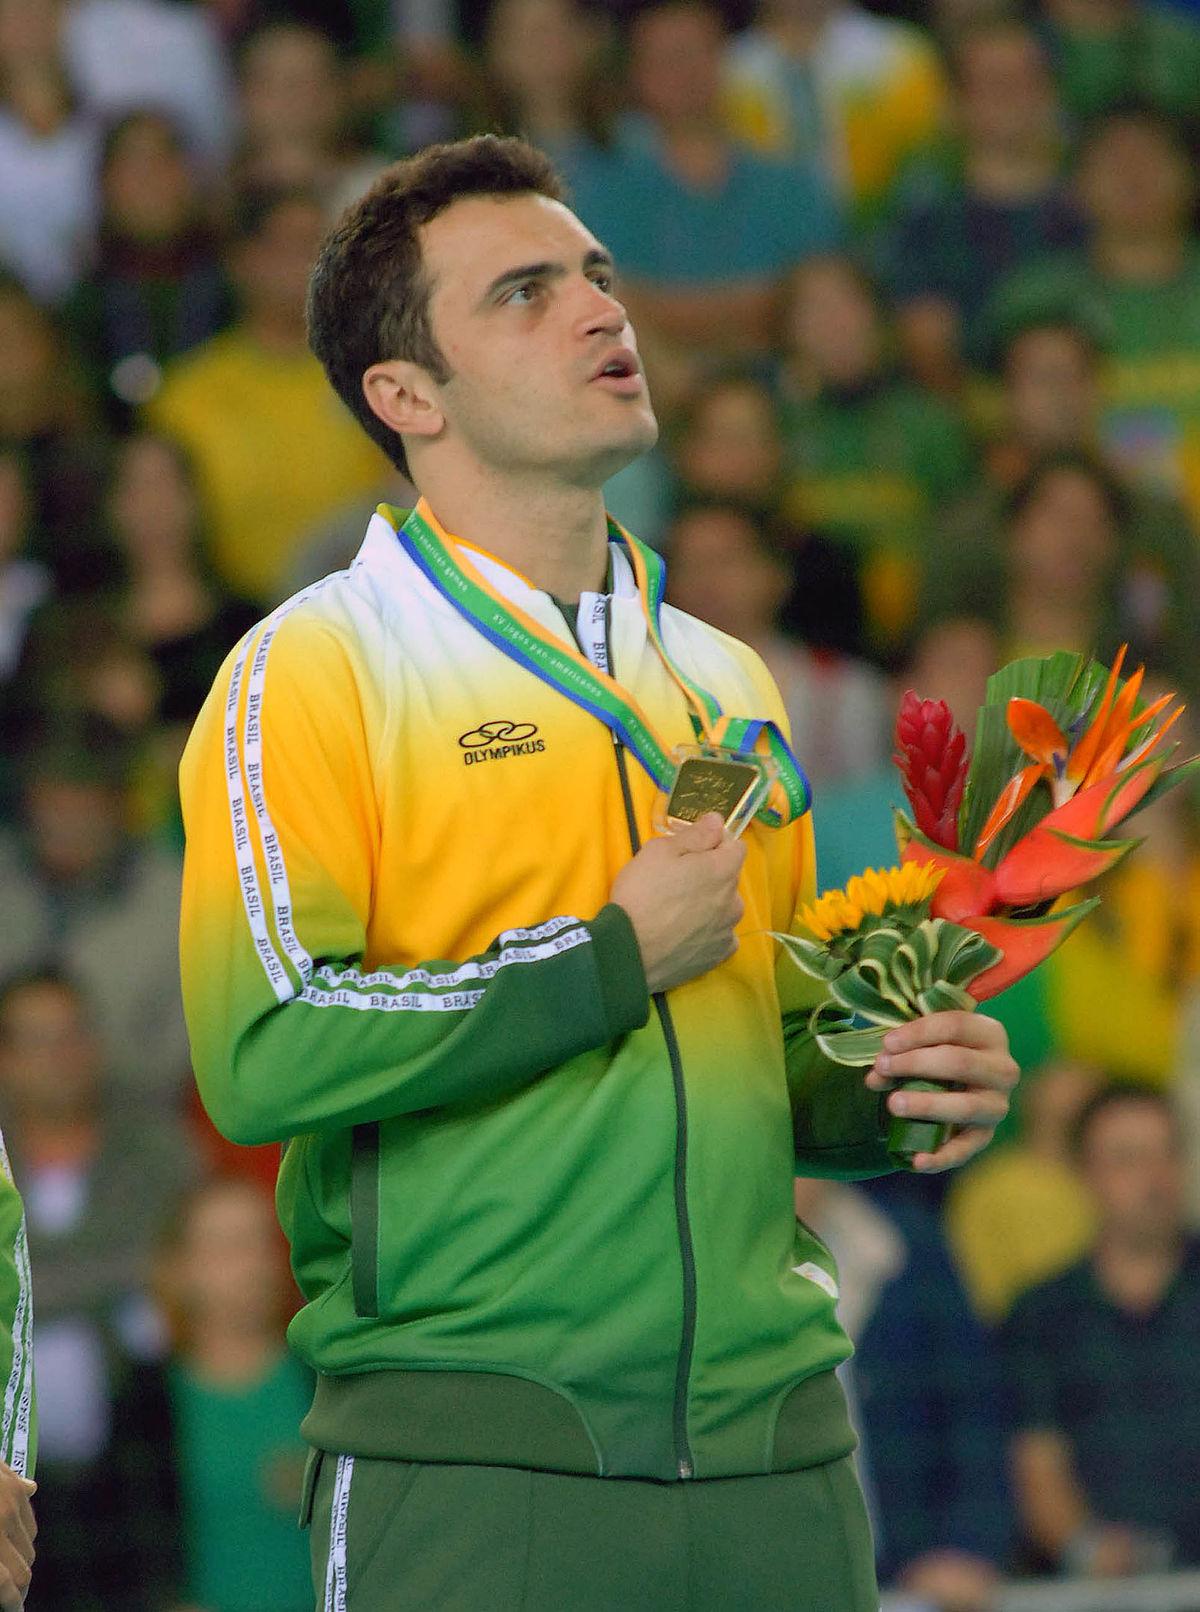 8b40b87e076c0 Falcão (jogador de futsal) – Wikipédia